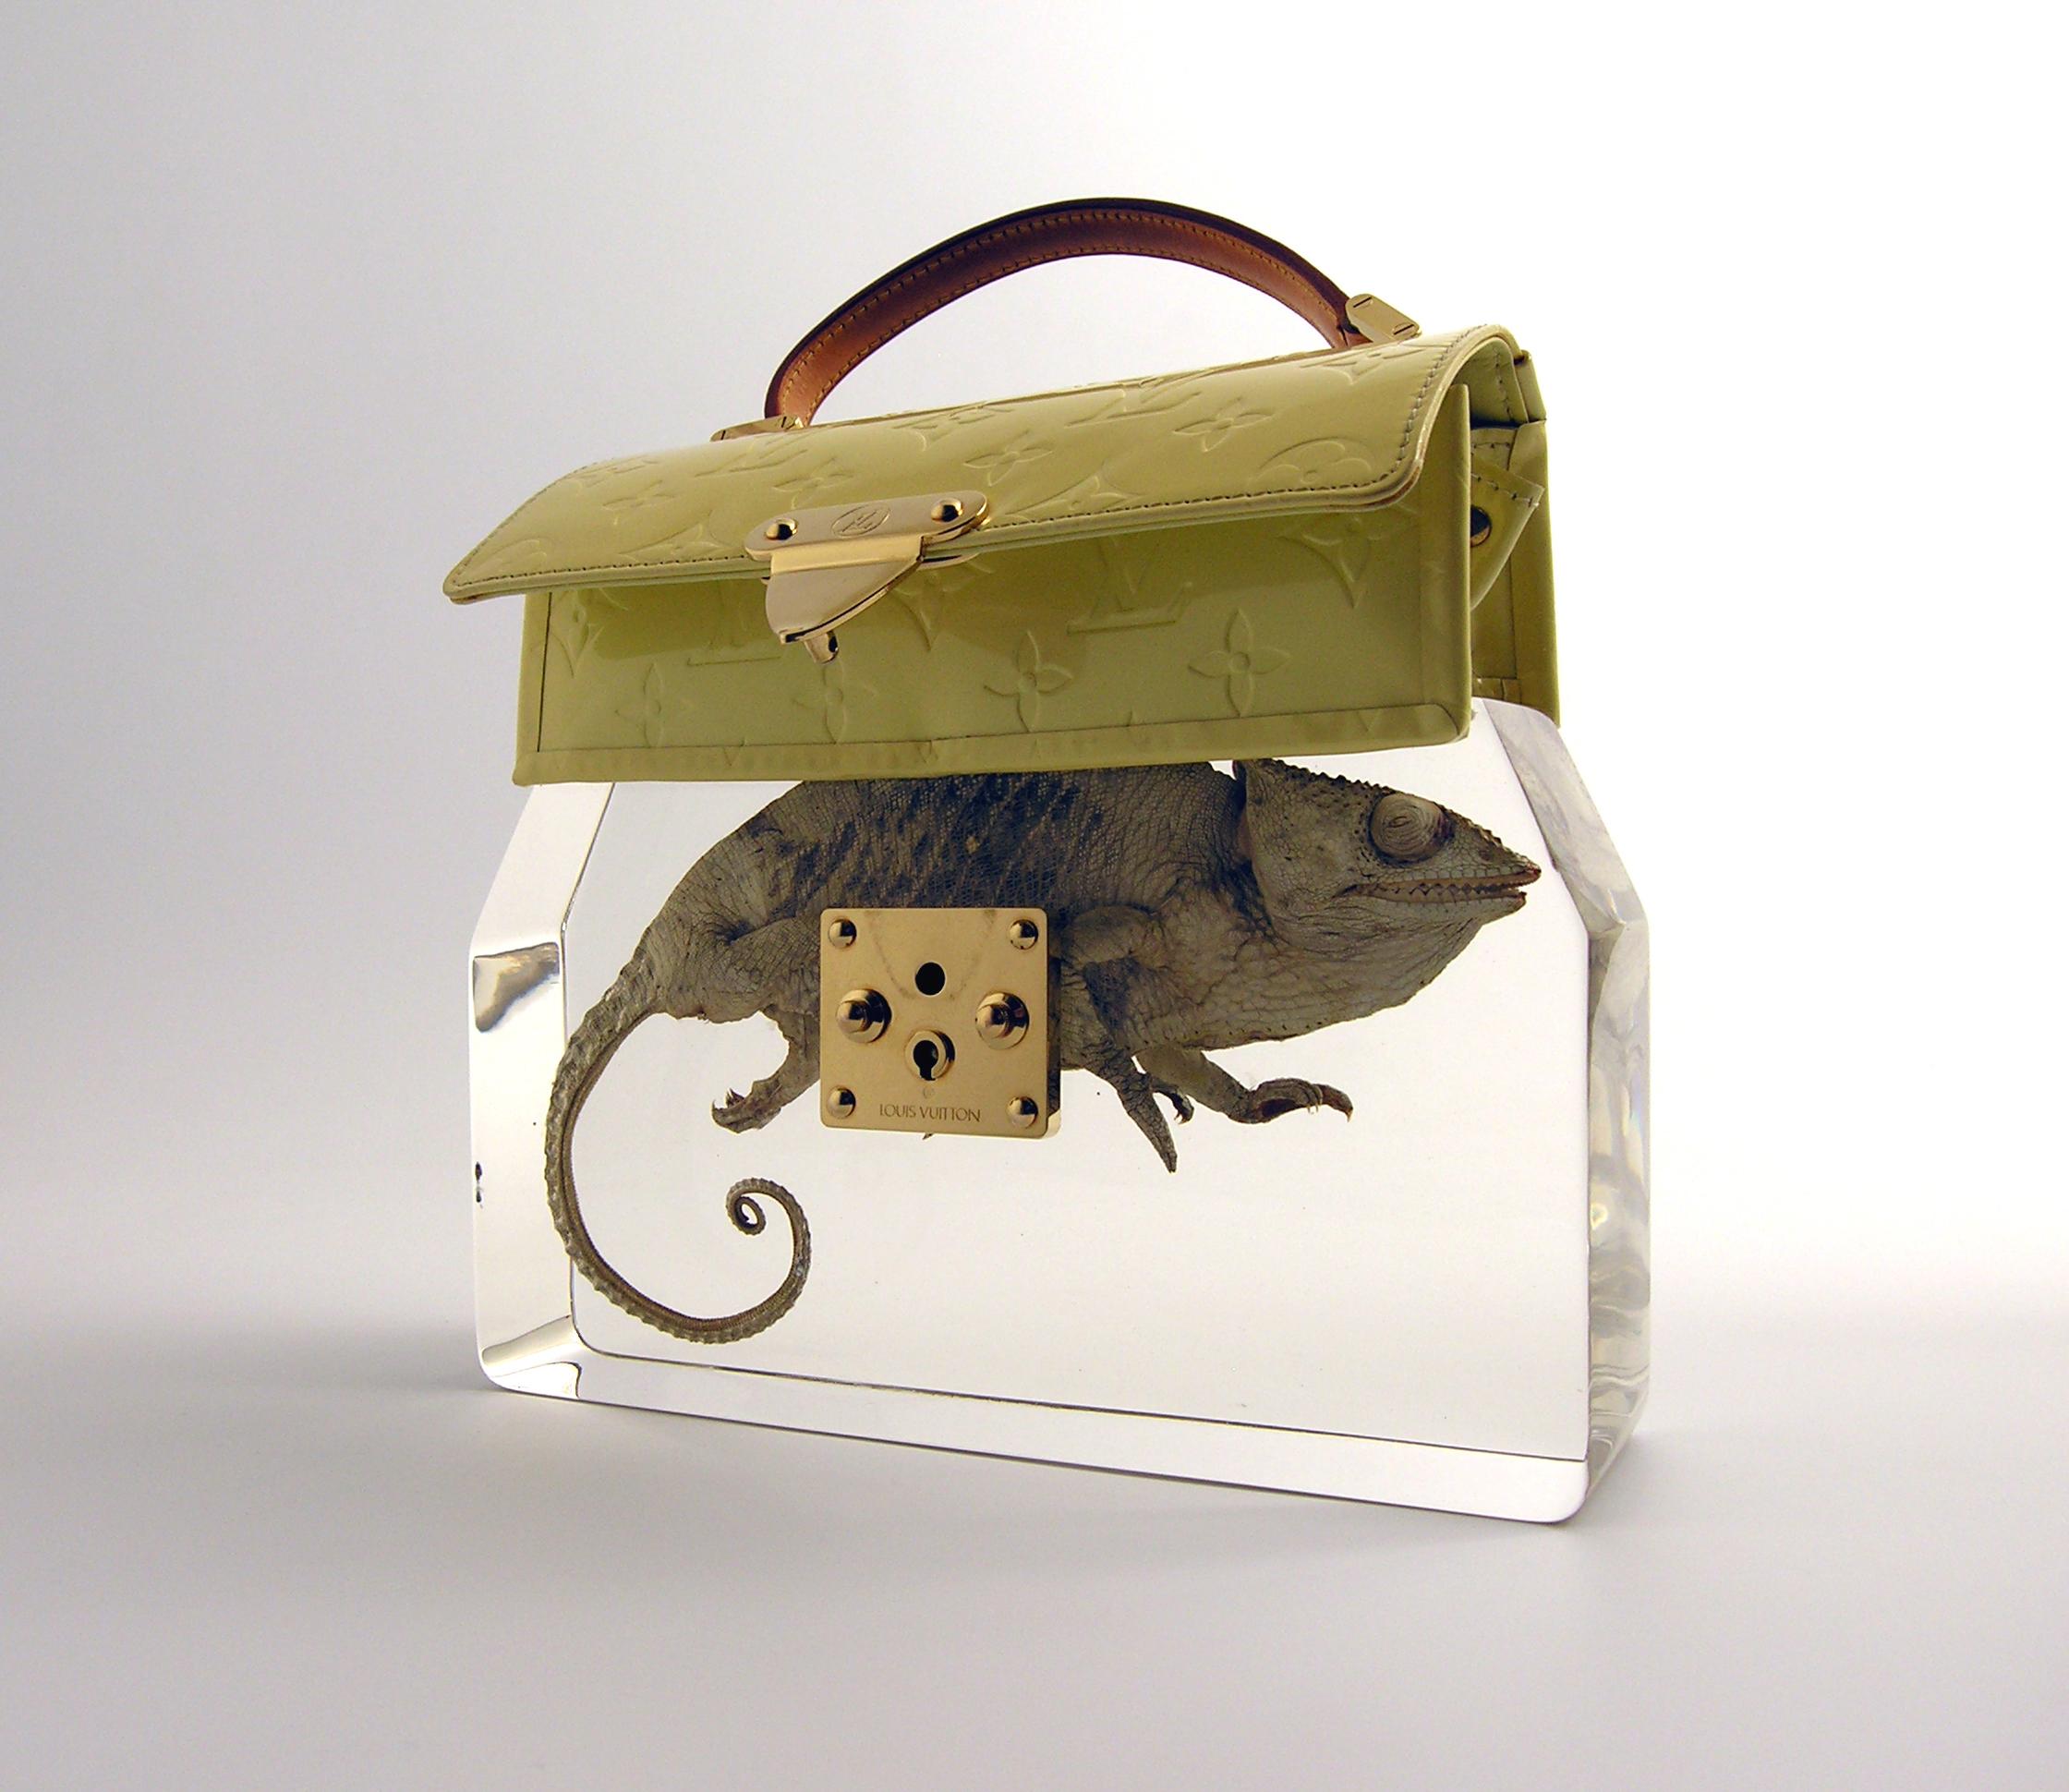 Ted Noten, Grandma's Bag Revisited, 2009. Foto Atelier Ted Noten, acrylaat, kameleon, goud,